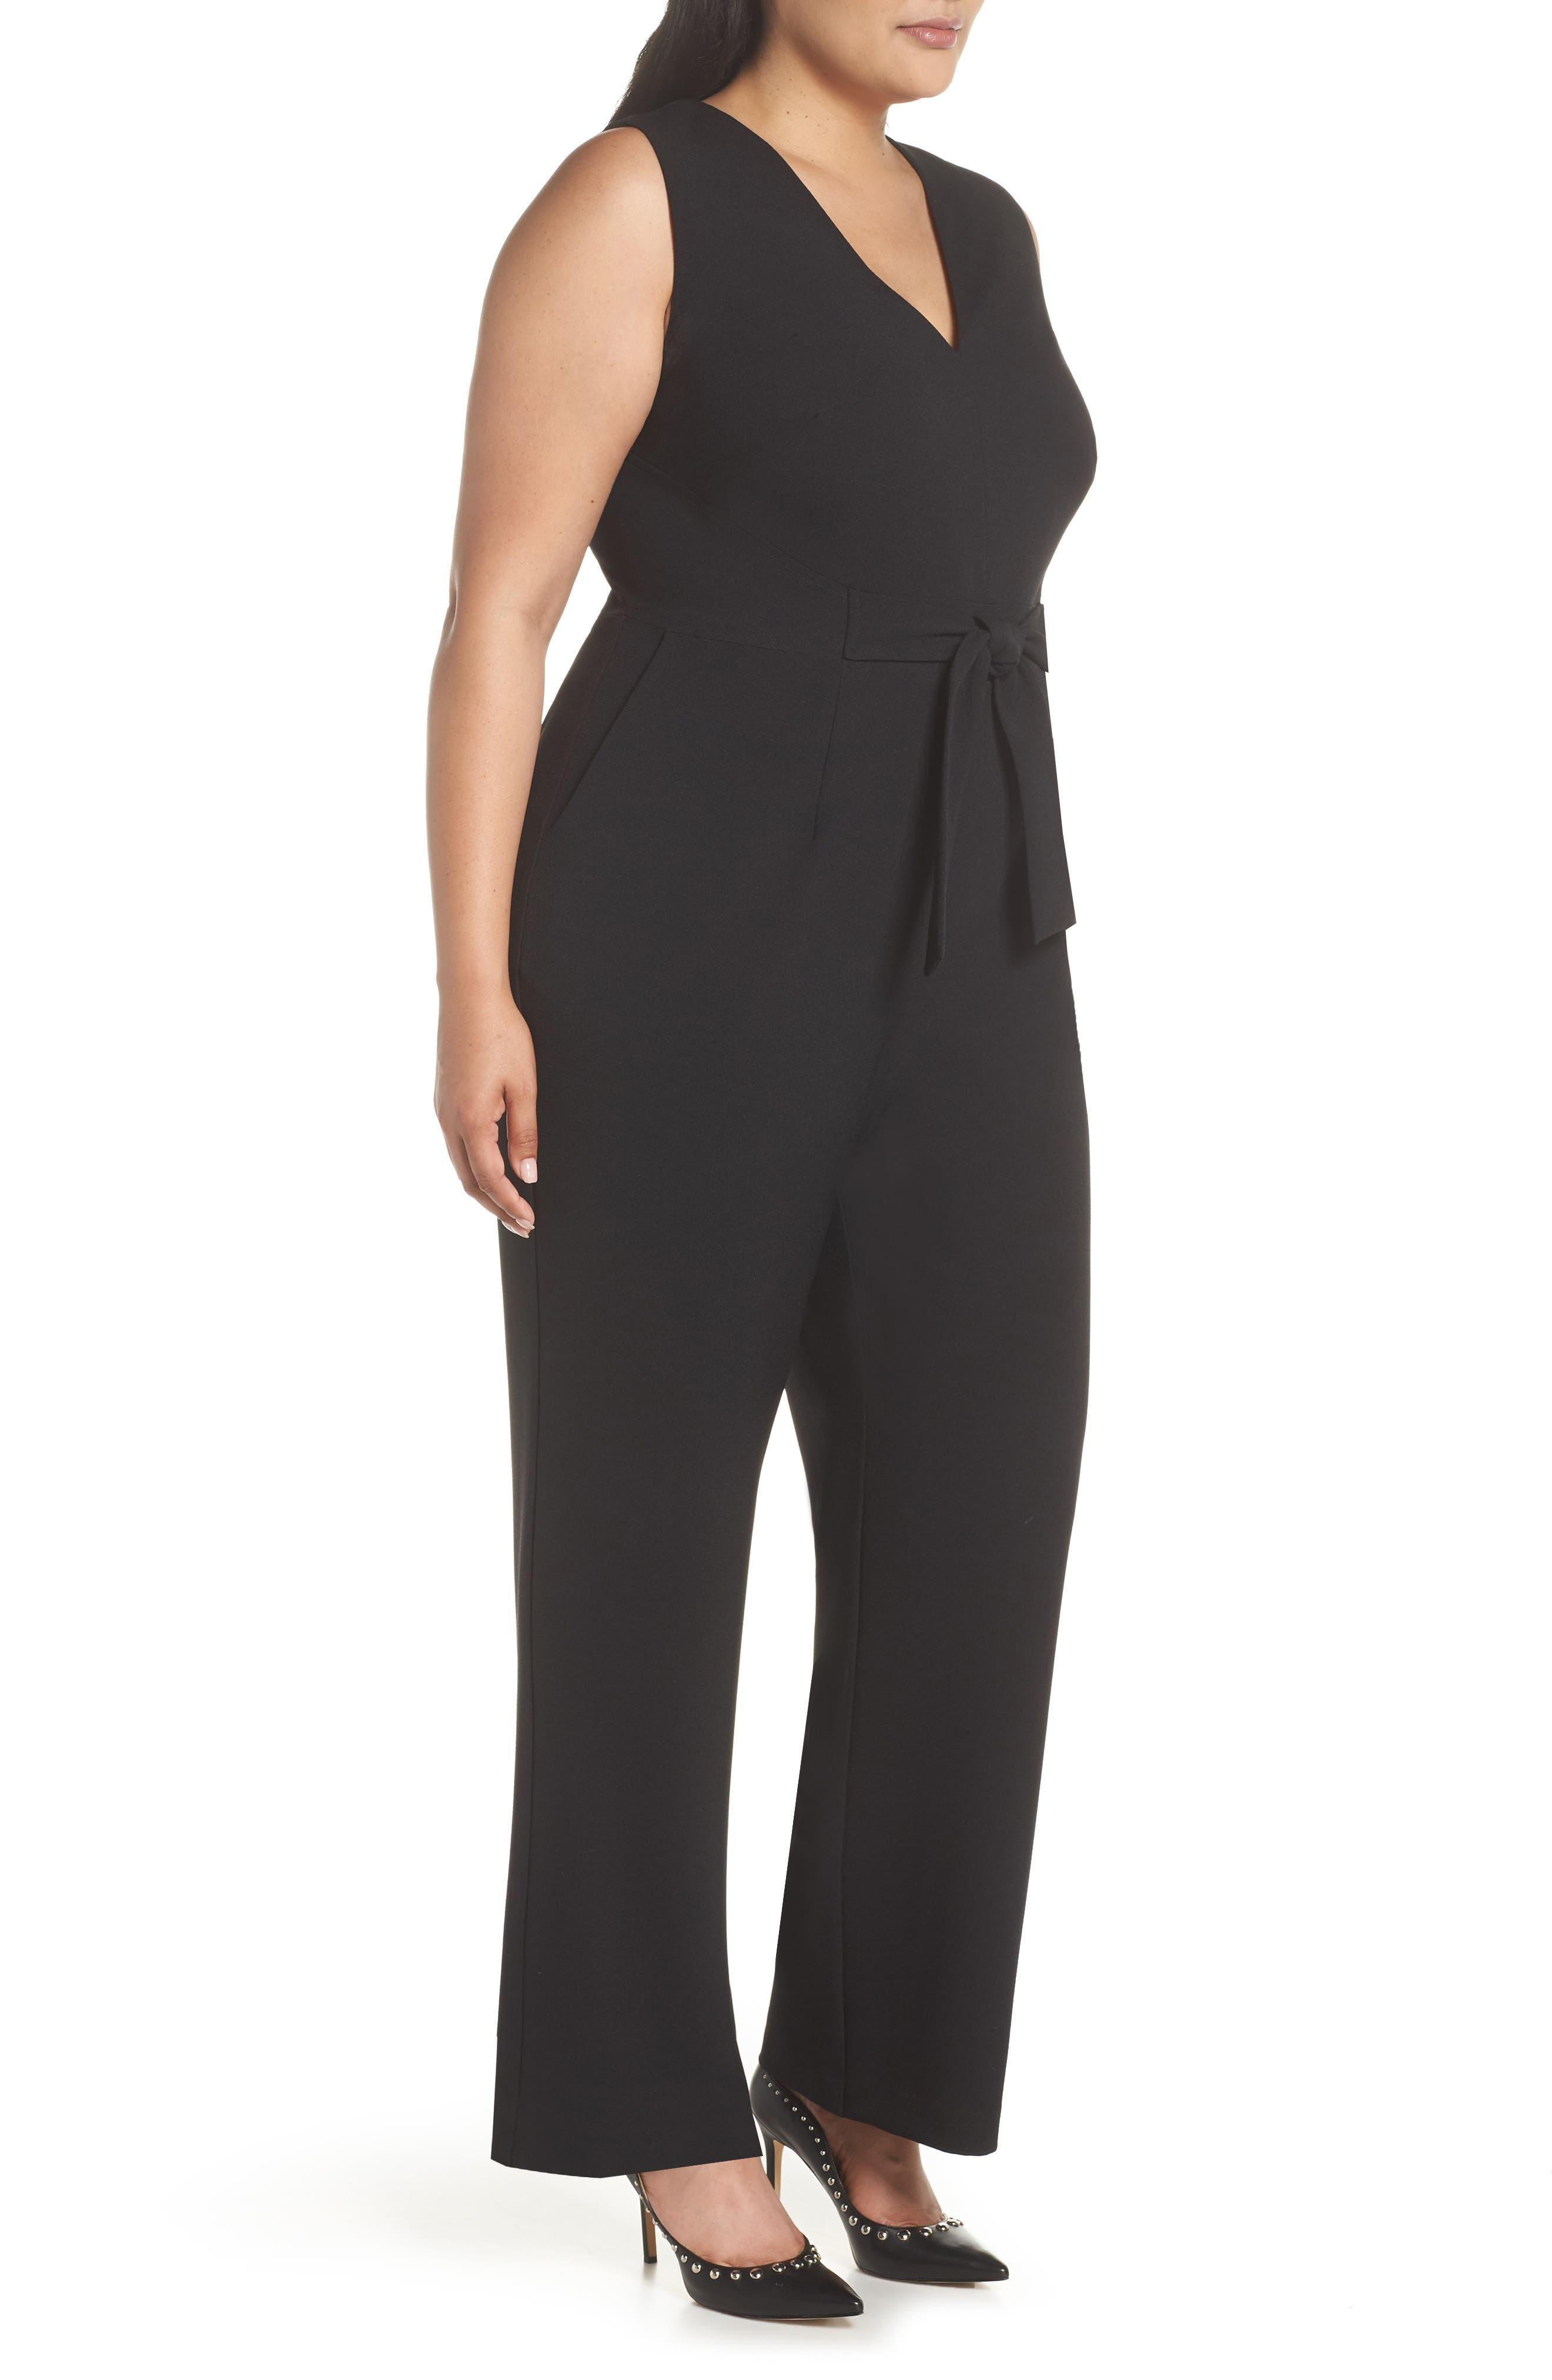 VINCE CAMUTO, Crepe Tie Front Wide Leg Jumpsuit, Alternate thumbnail 4, color, BLACK